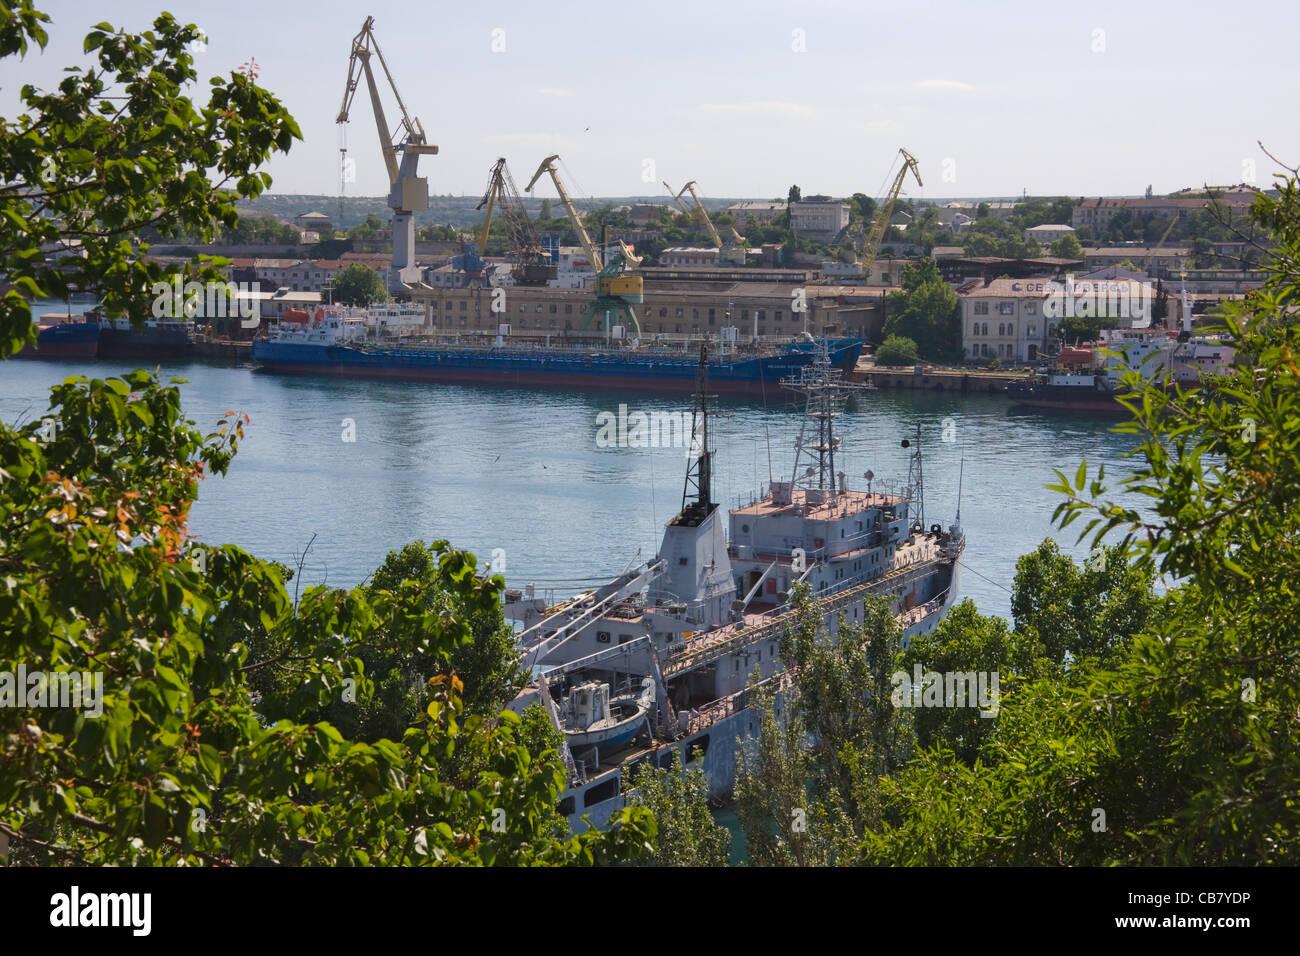 Ships in the naval base, Sevastopol, Crimea, Ukraine - Stock Image